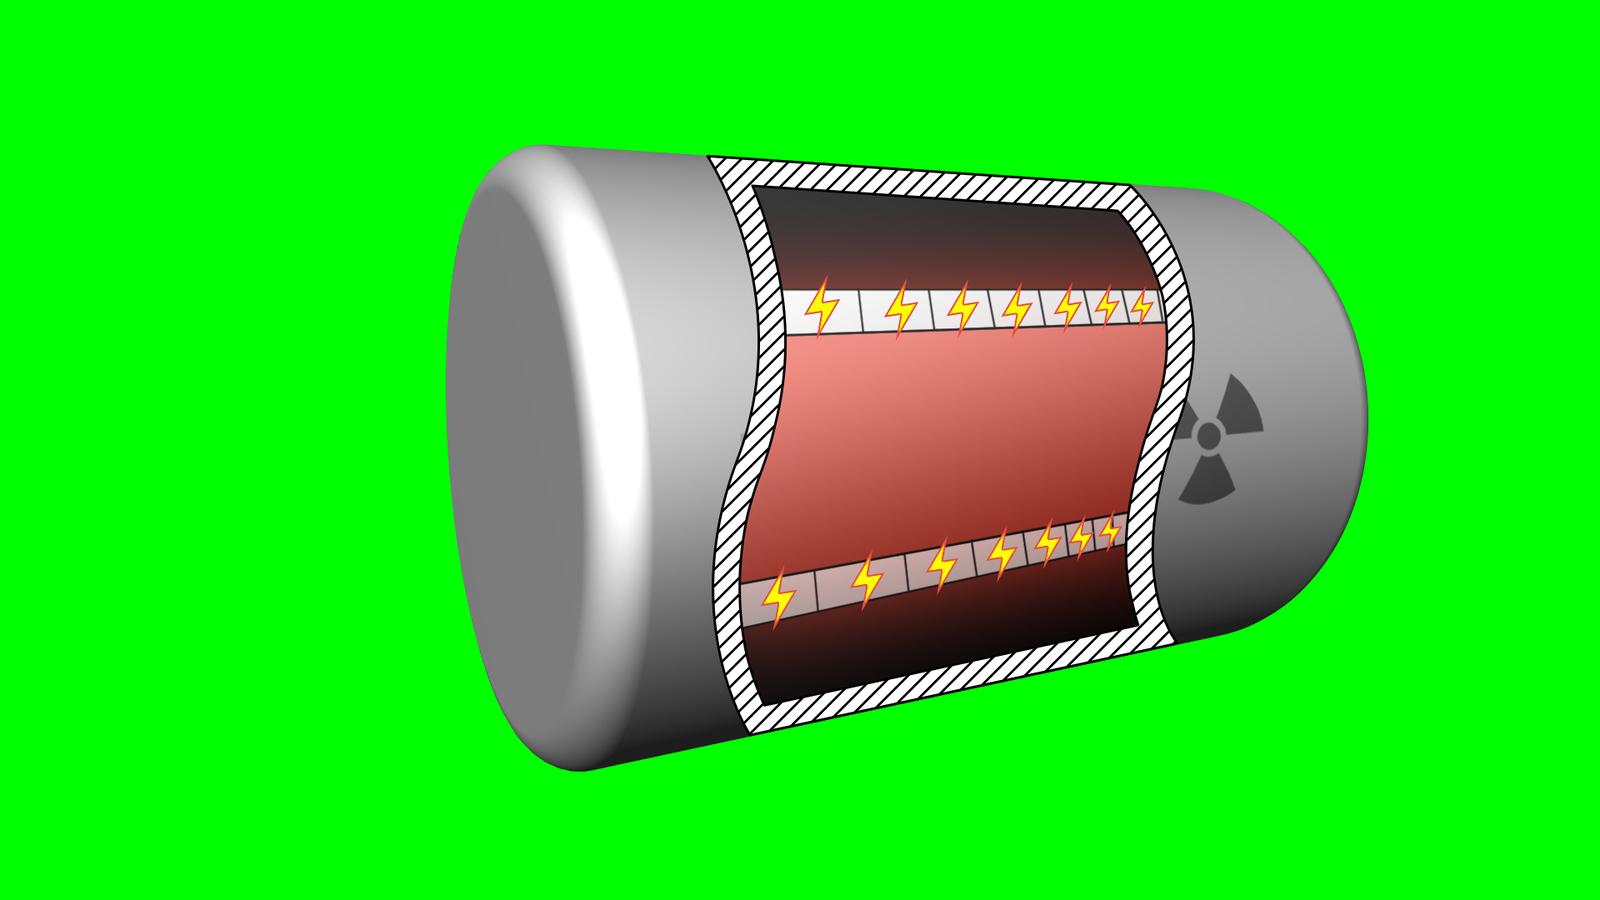 Ядерный реактор своими руками фото 389